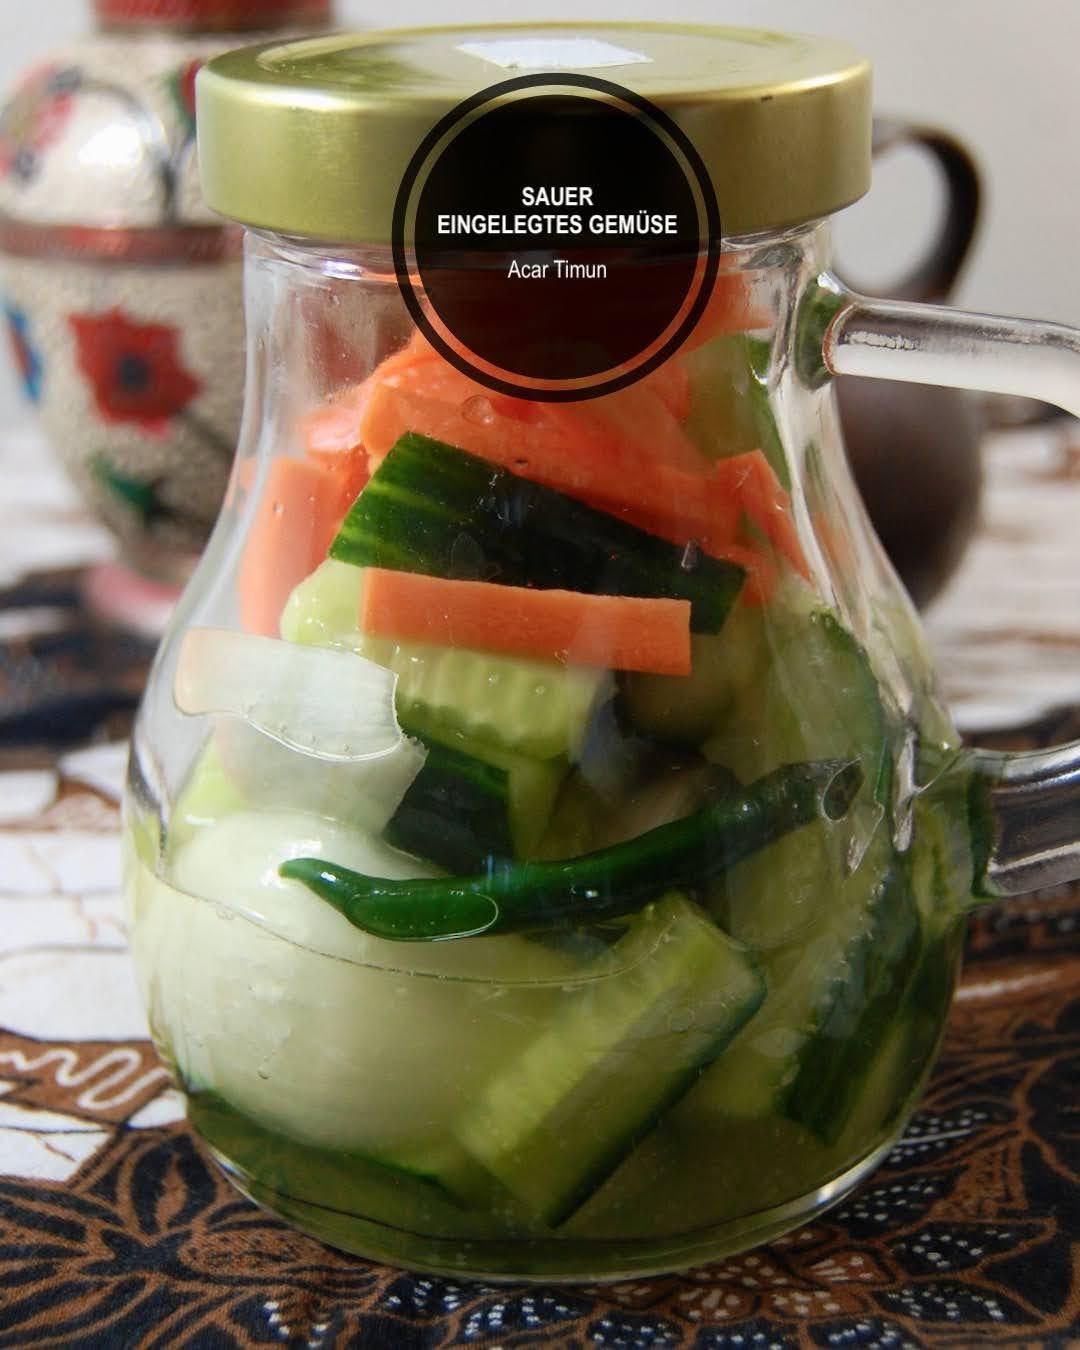 Rezept Acar Timun, Sauer eingelegtes Gemüse aus Indonesien